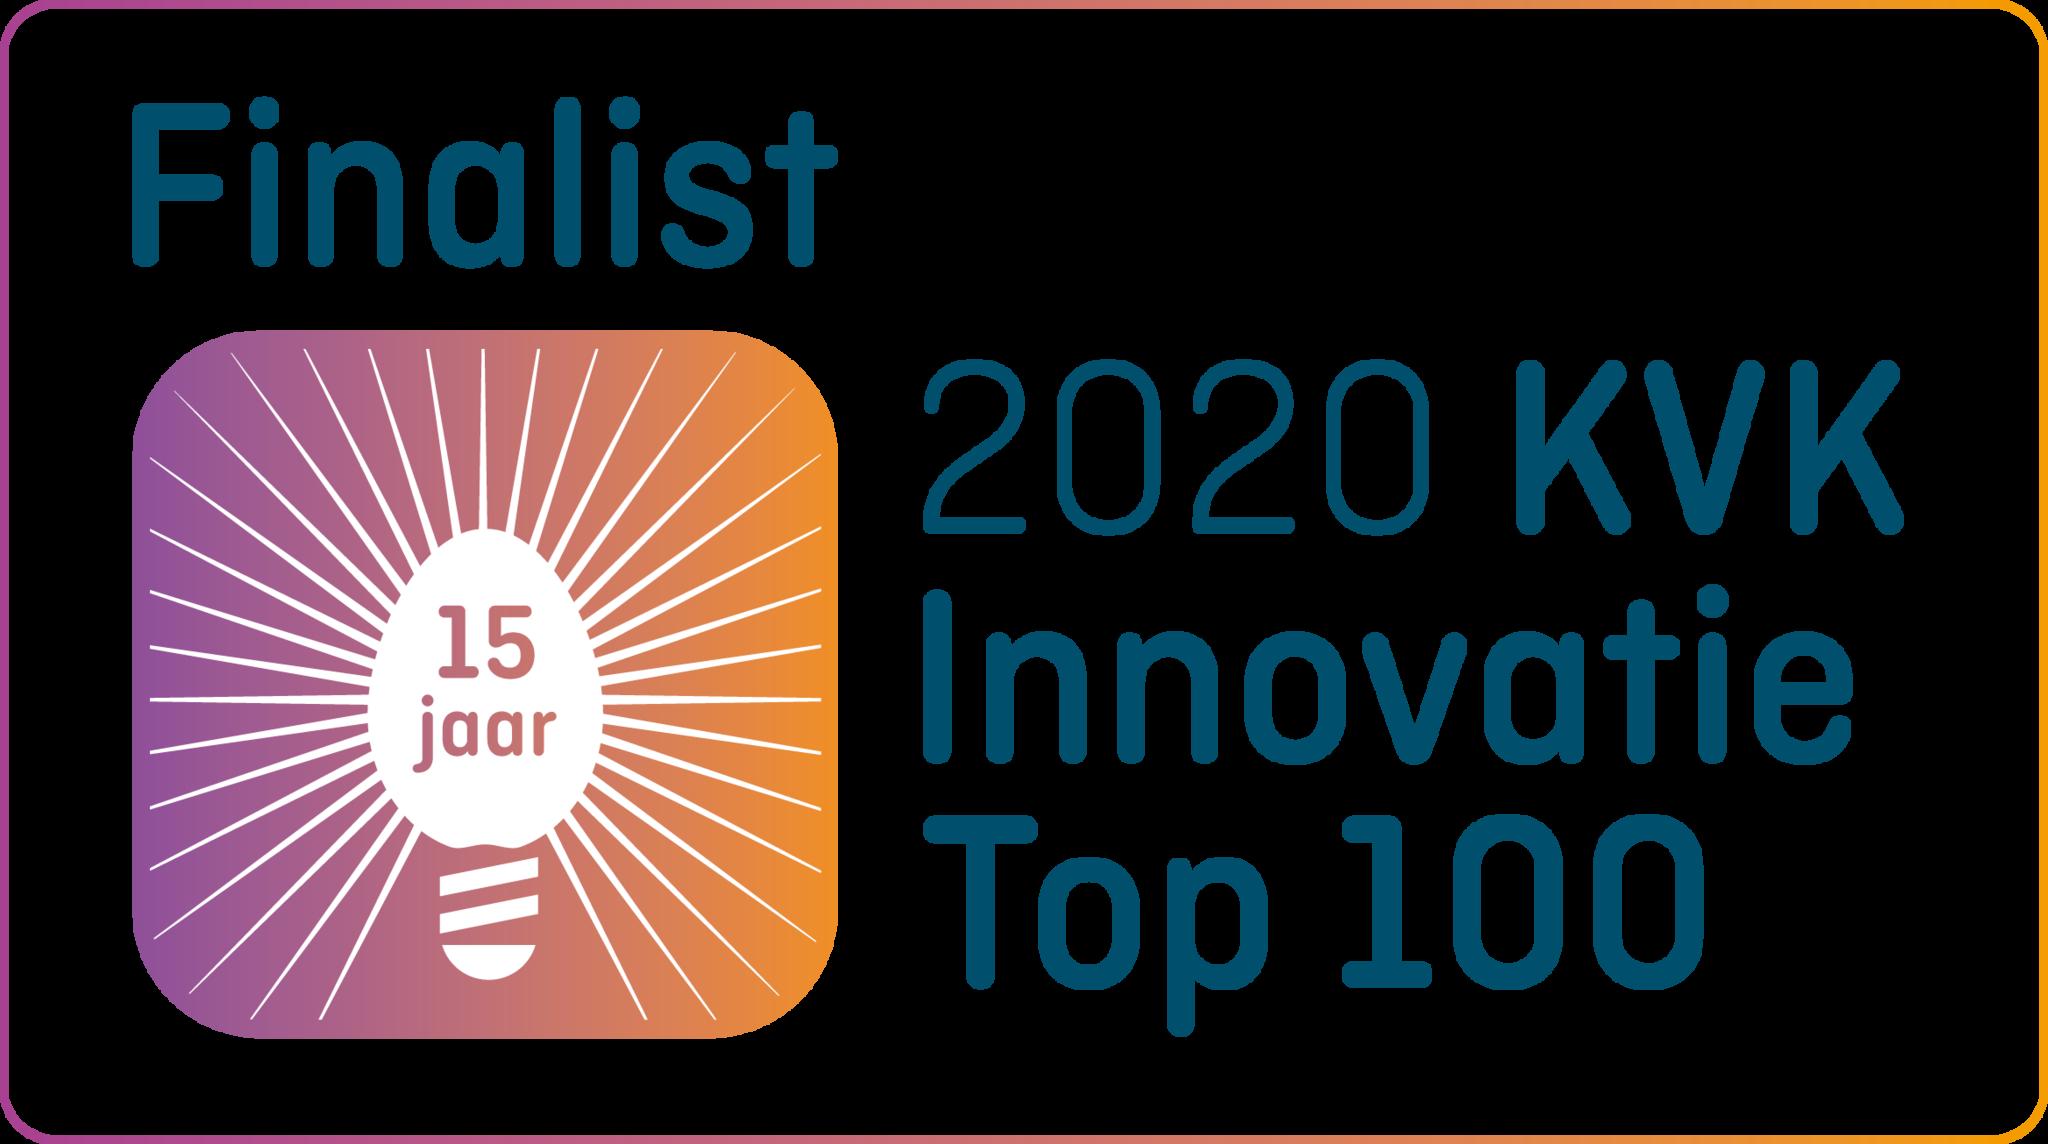 Finalist KVK Innovatie Top 100